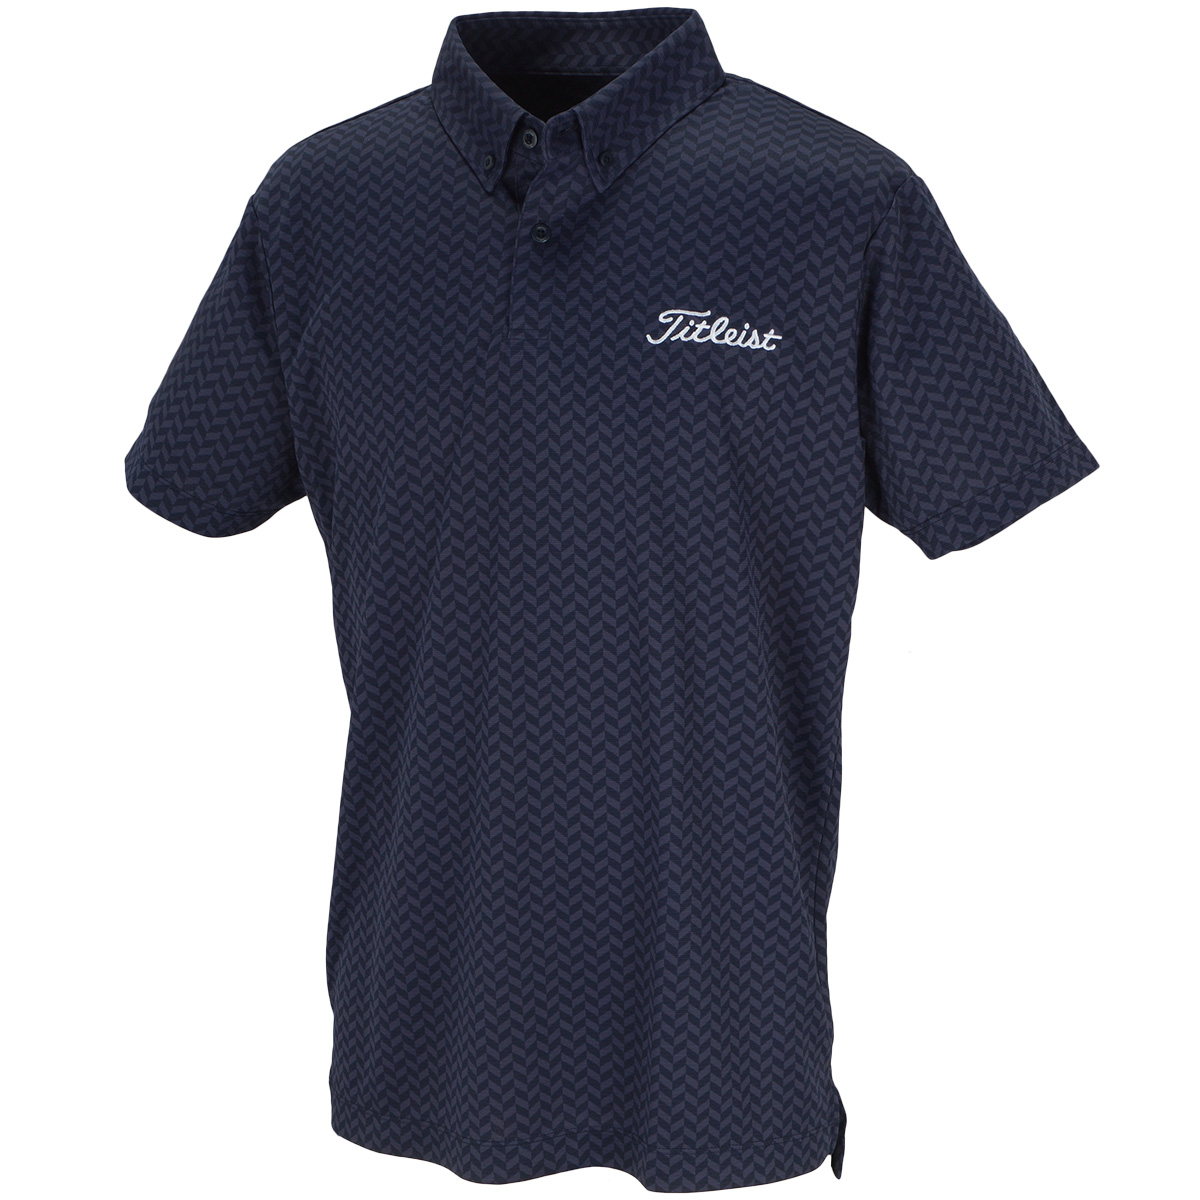 ツアーフラッグシップモデル ストレッチ ヘリンボーンクーリング半袖ポロシャツ